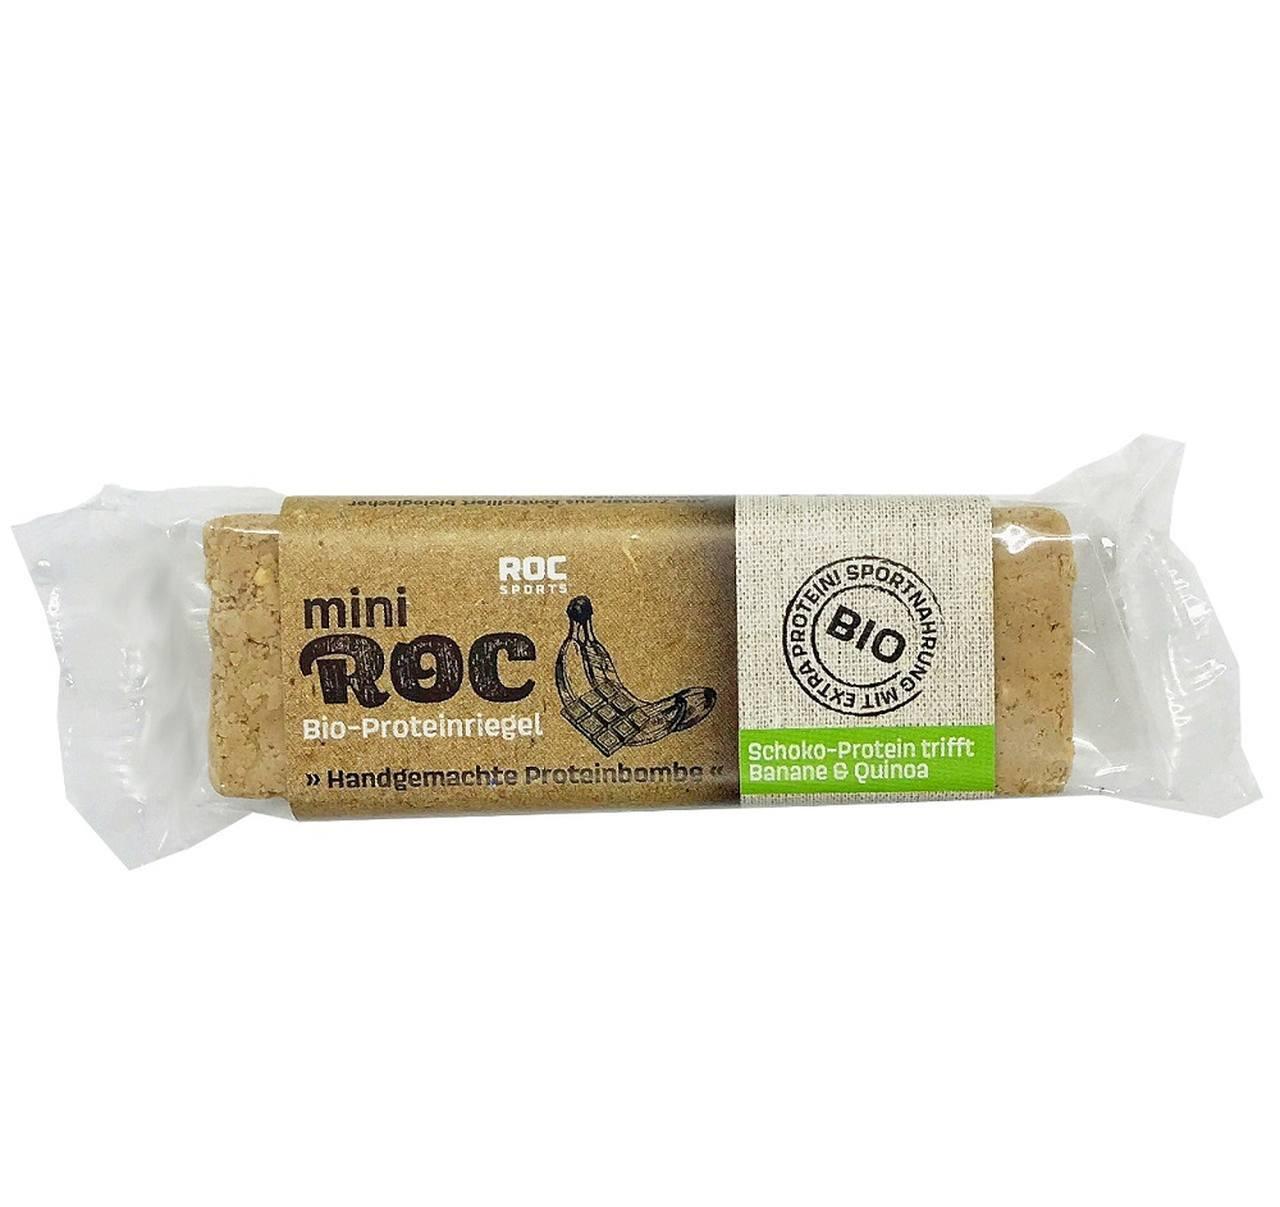 miniROC Bio Proteinriegel - ROC Sports (Preis pro 10er Box)